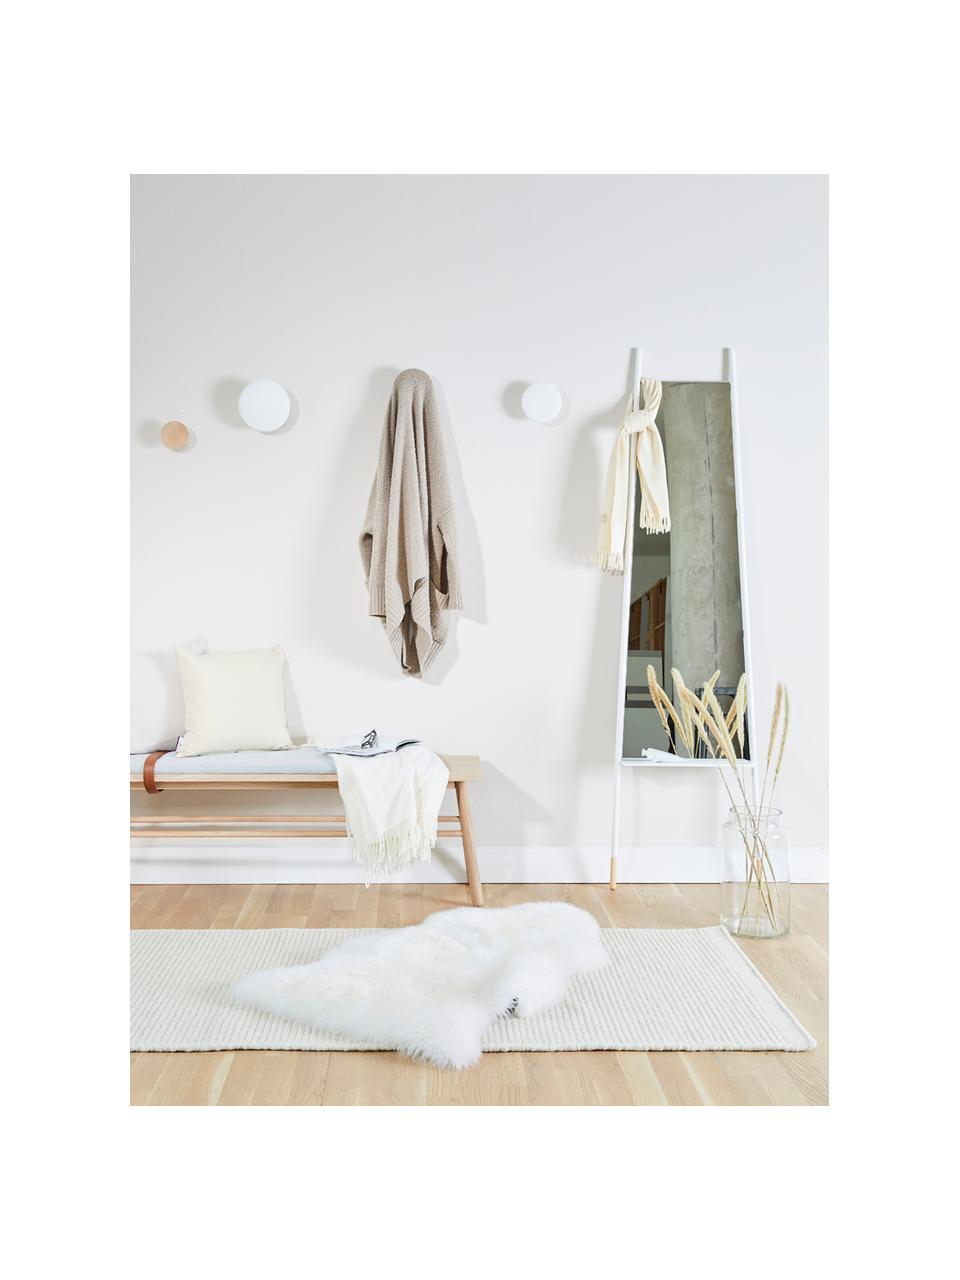 Specchio da terra con ripiano Leaning, Cornice: metallo, piedi in legno, Superficie dello specchio: lastra di vetro, Bianco, lastra di vetro, Larg. 48 x Alt. 171 cm